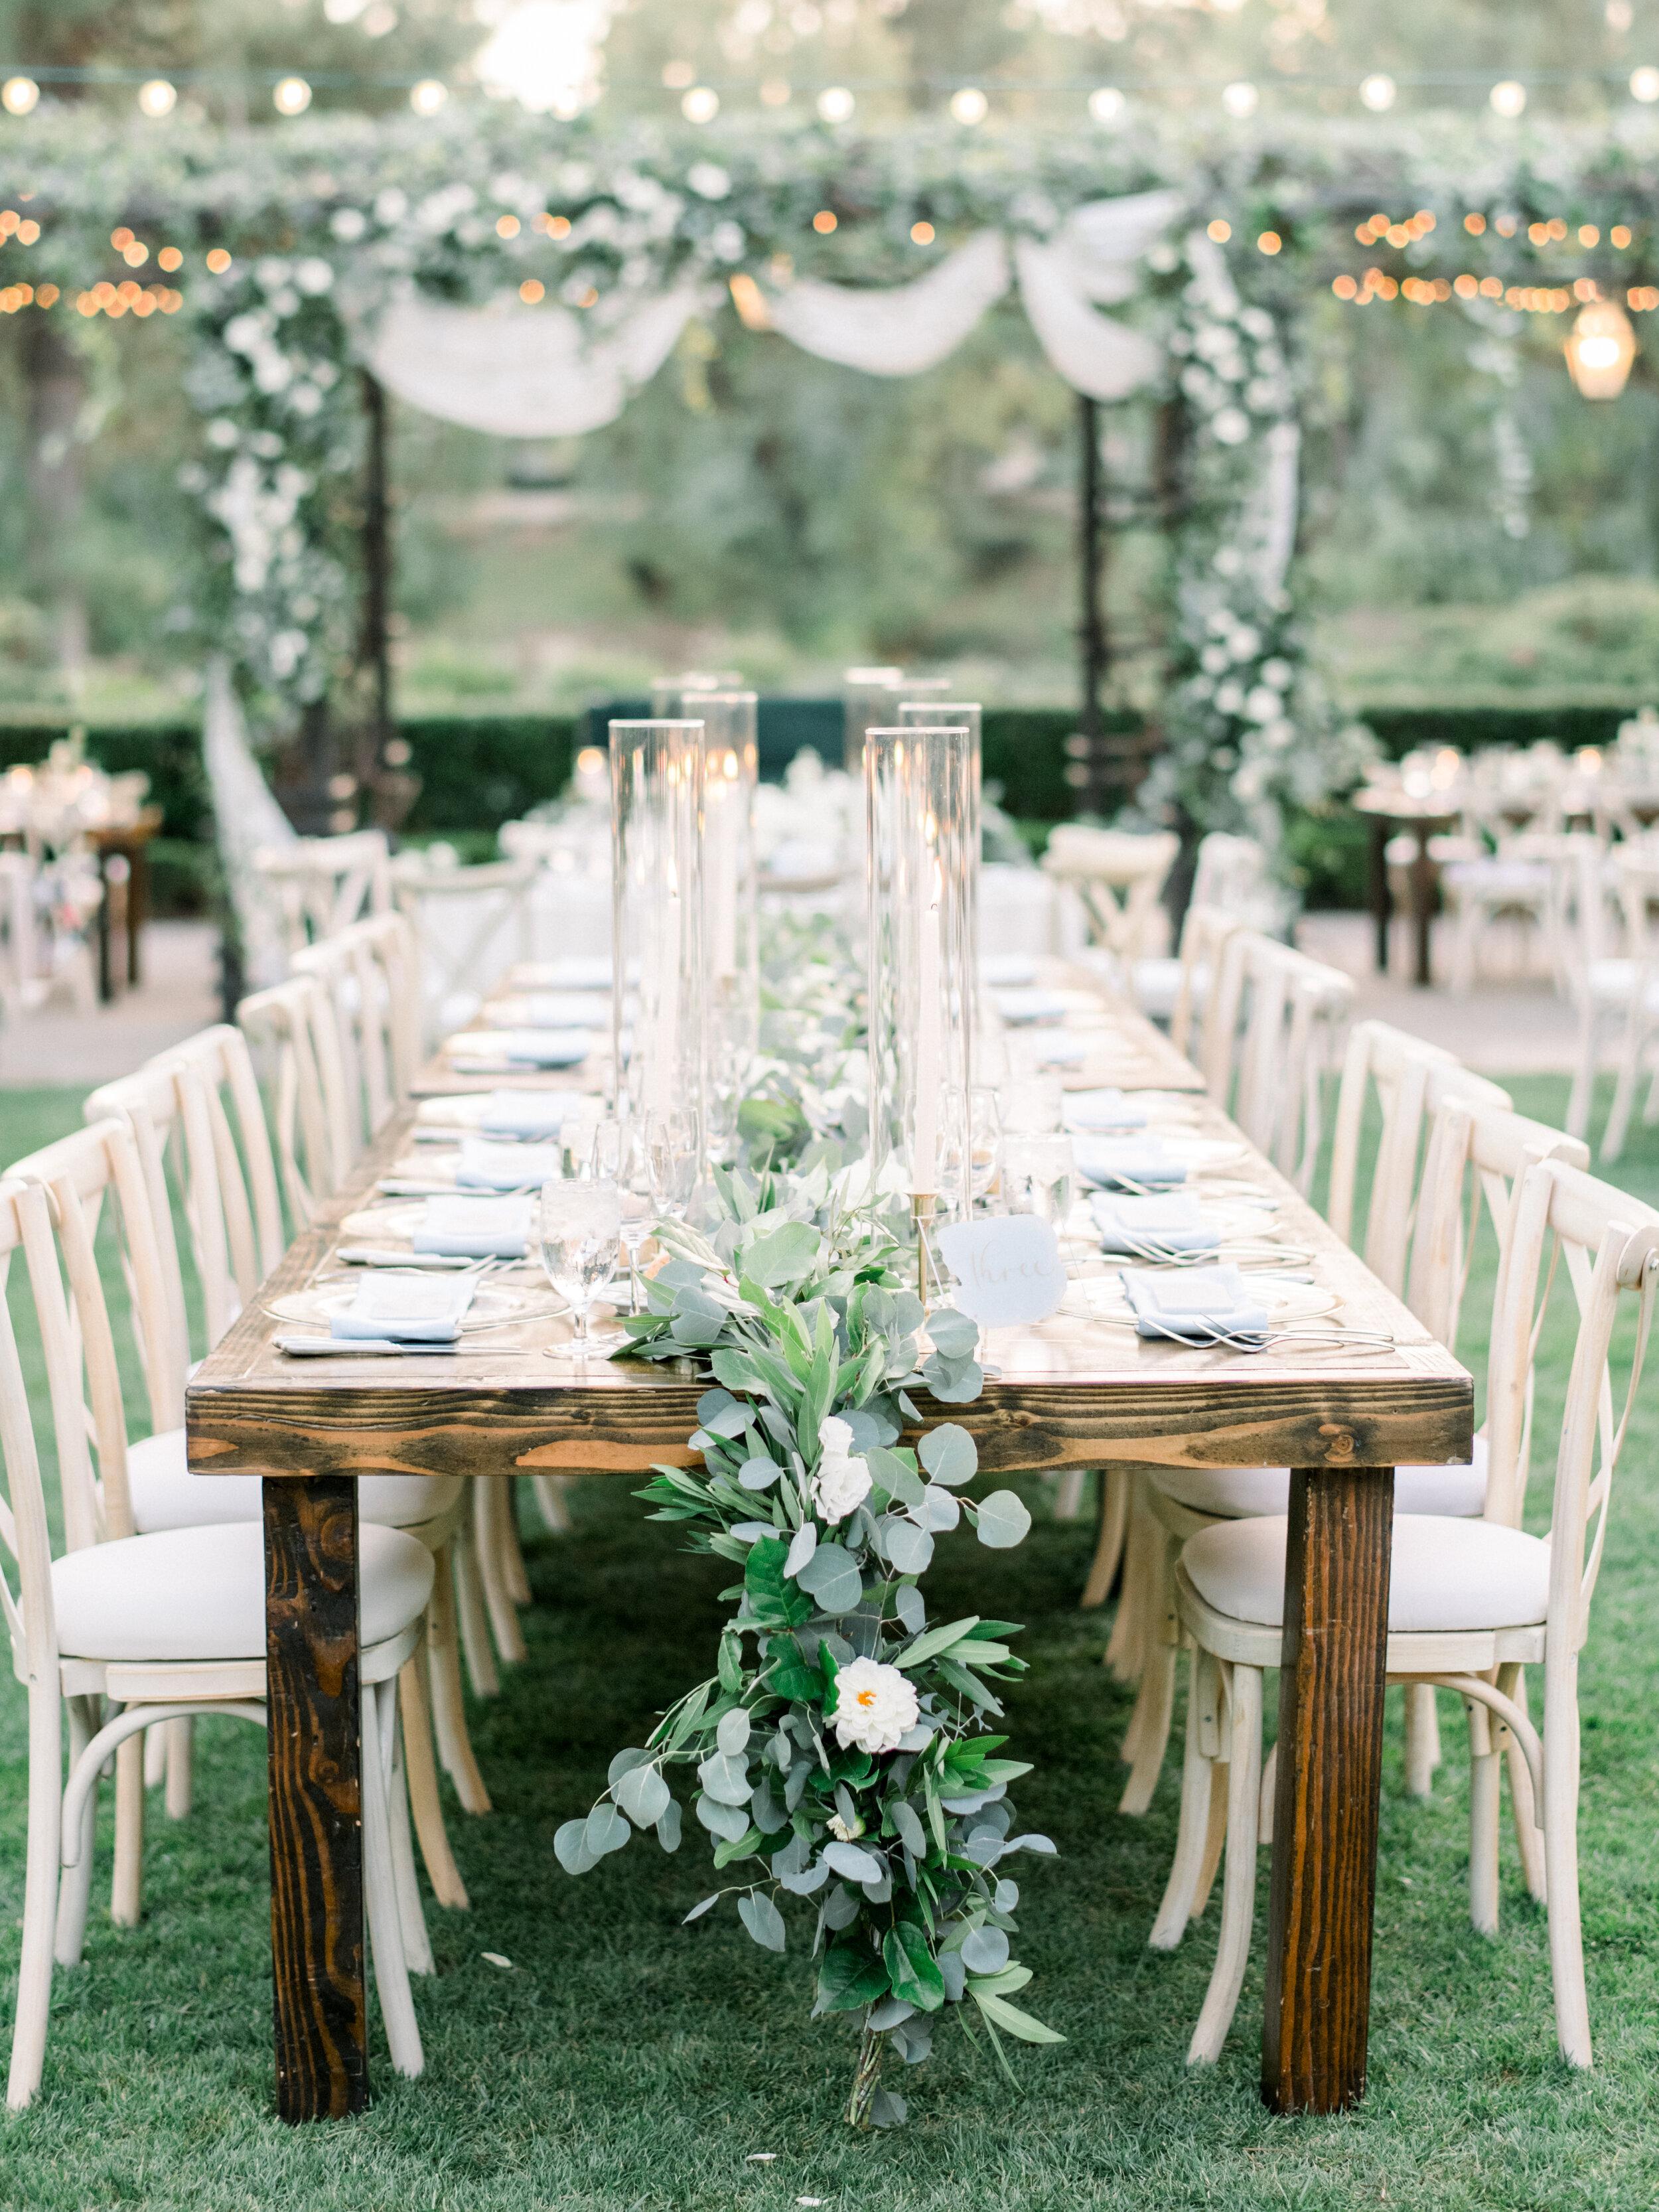 mckenzieandtaylor-wedding-1700.jpg